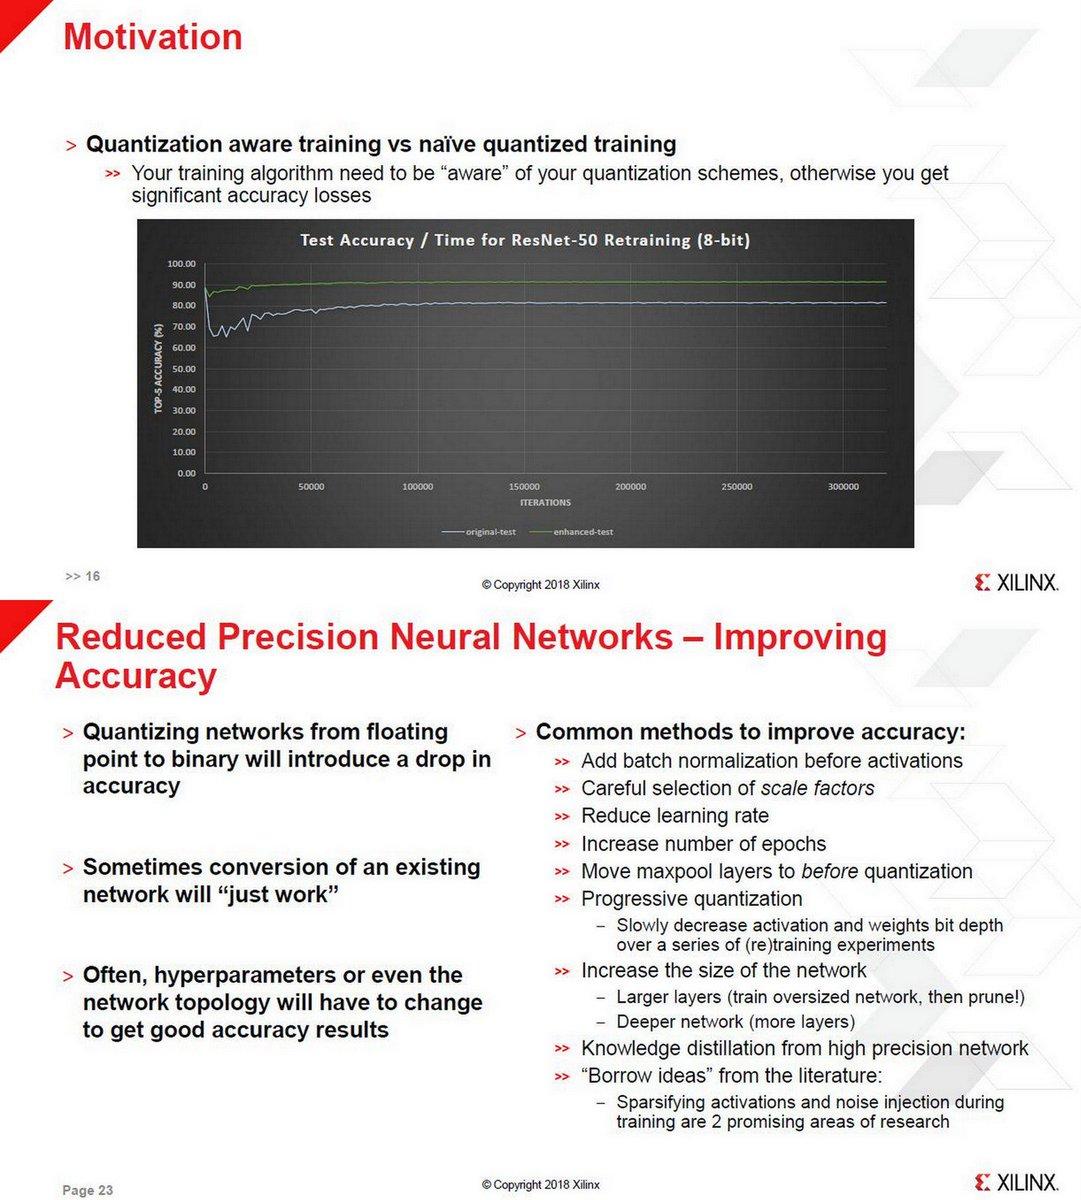 Quantization Aware Training